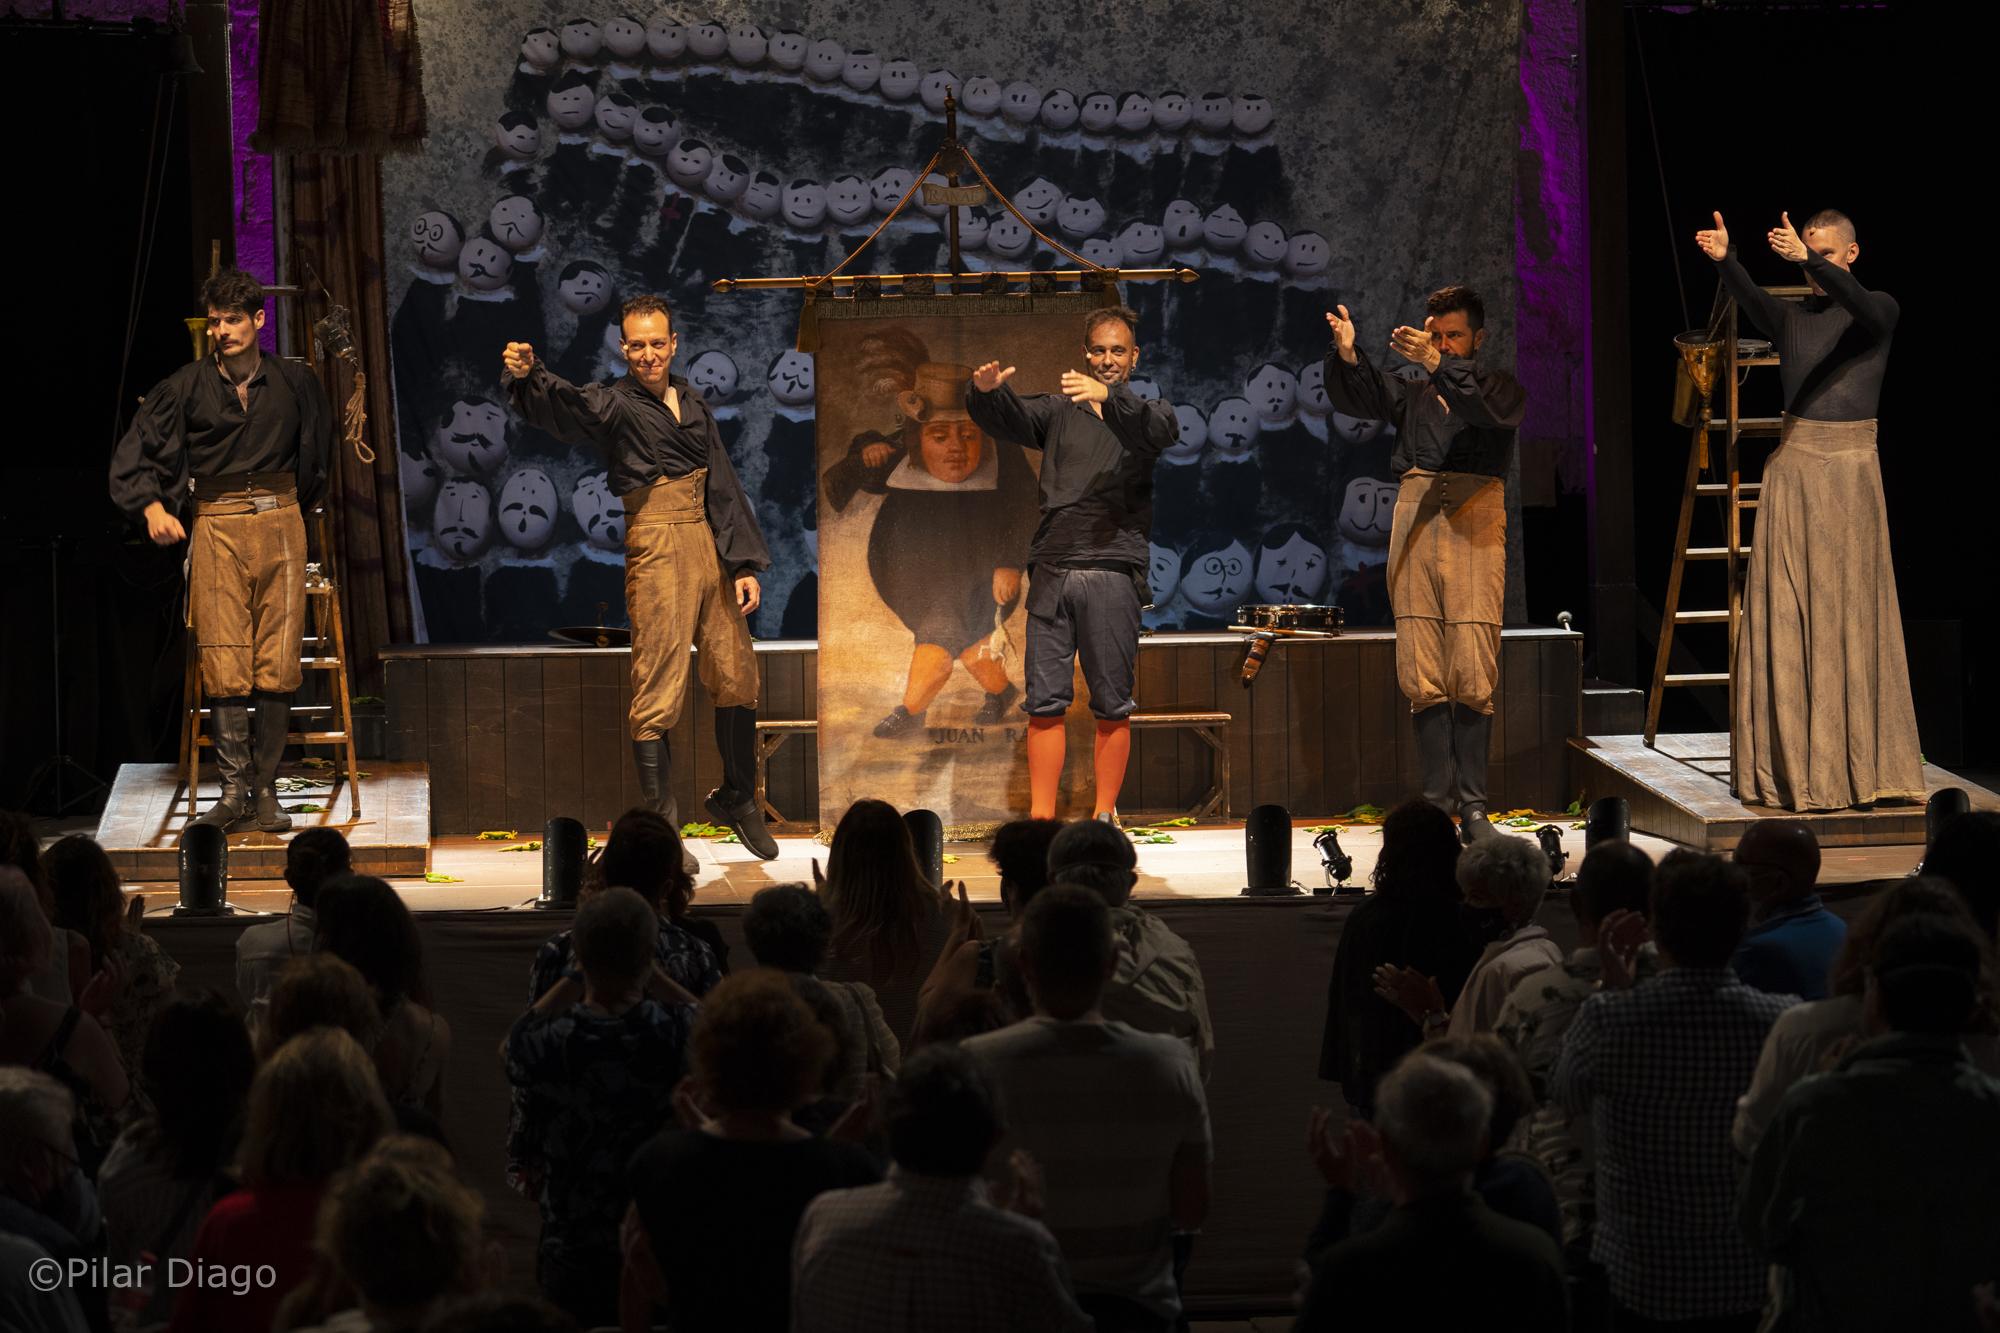 L'obra 'Andanzasy entremeses' deJuanRana, rubrica l'èxit del XXIV Festival de Teatre Clàssic de Peníscola